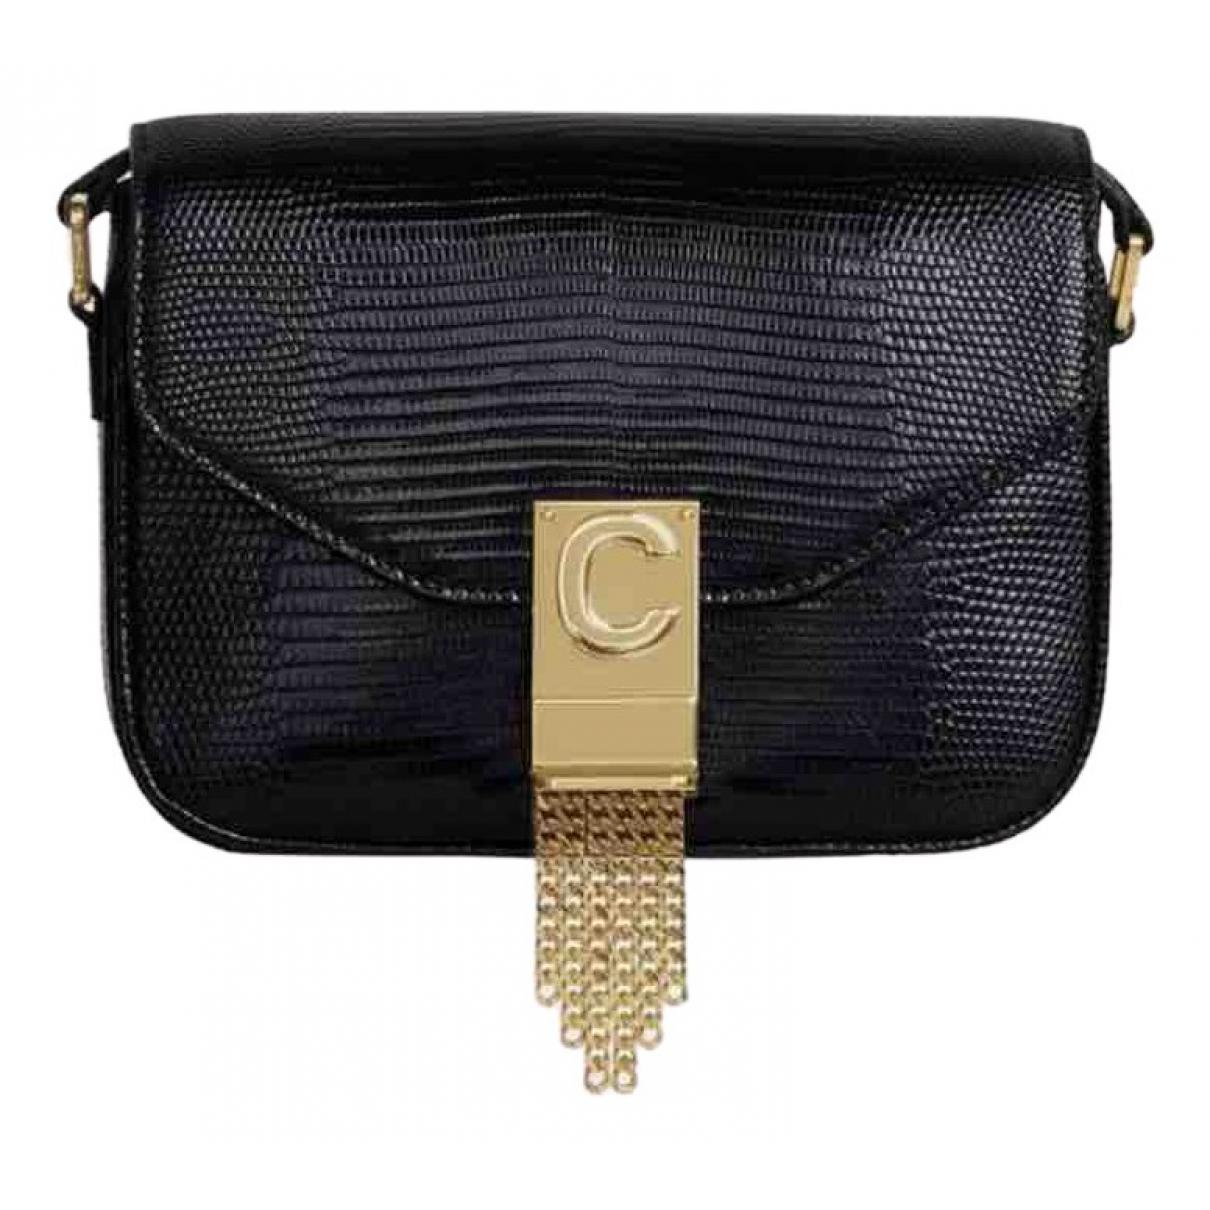 Celine C bag Handtasche in  Schwarz Echse